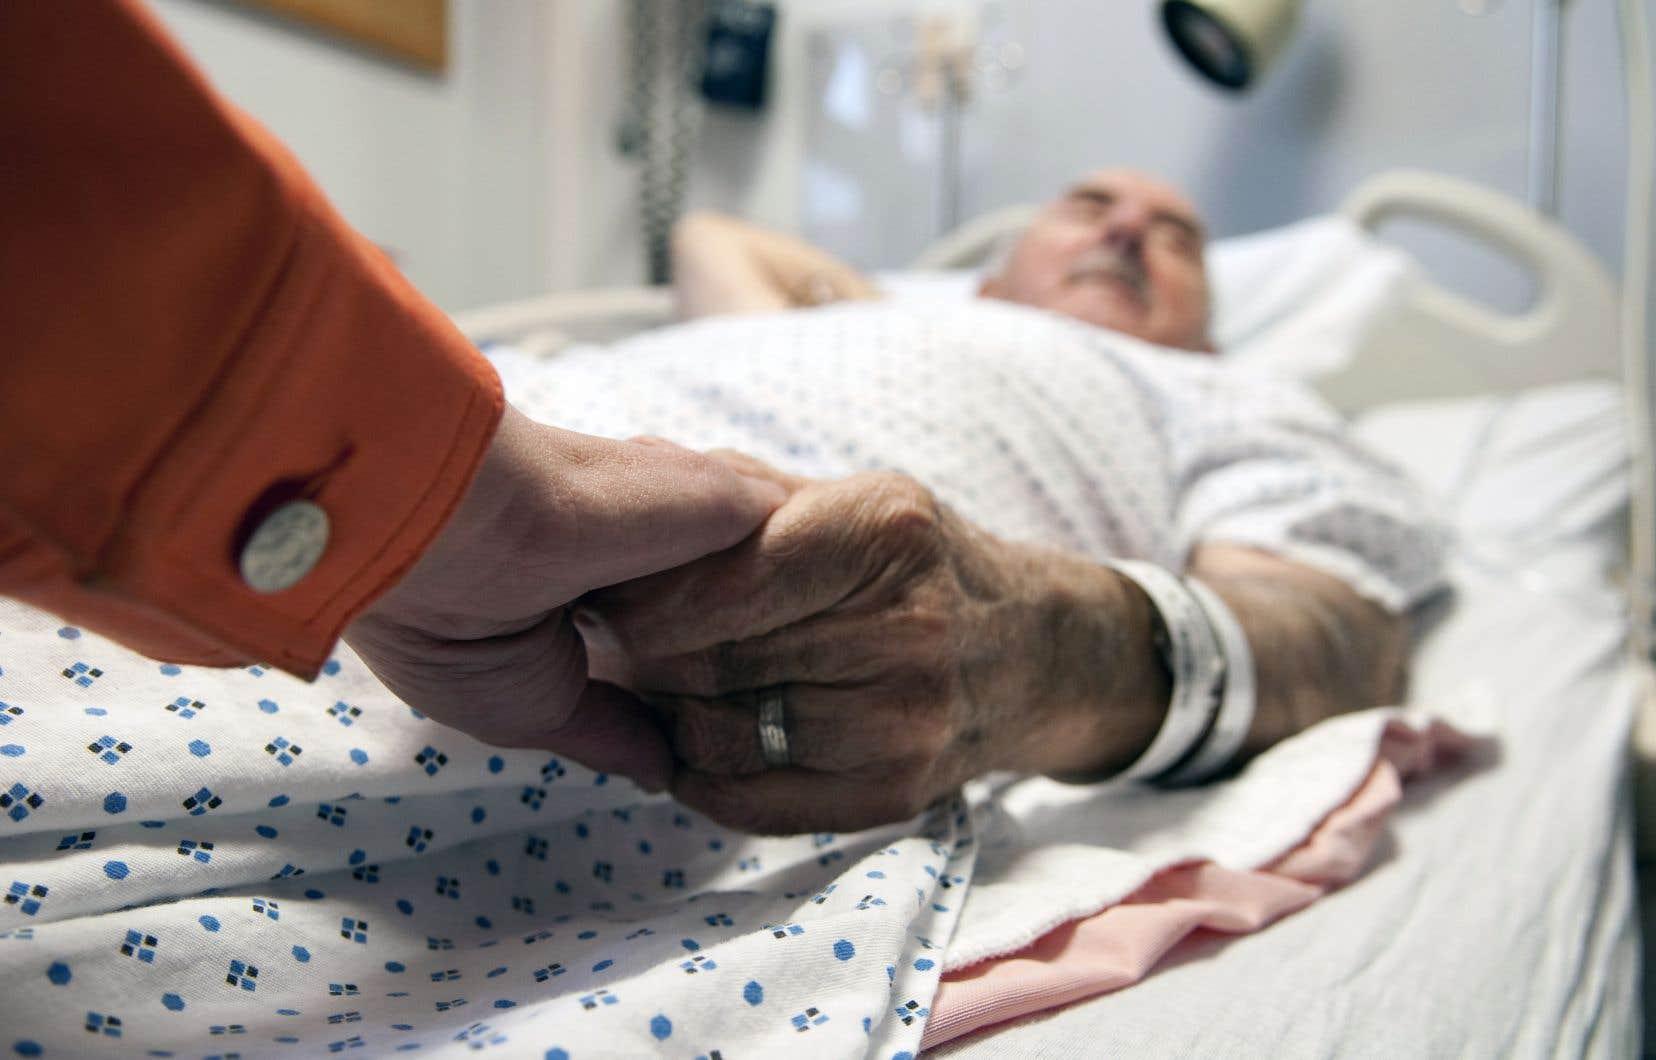 L'aide médicale à mourir représente environ 1% des morts. C'est à peu près la même chose que dans les autres pays ayant légalisé l'euthanasie ou le suicide assisté.